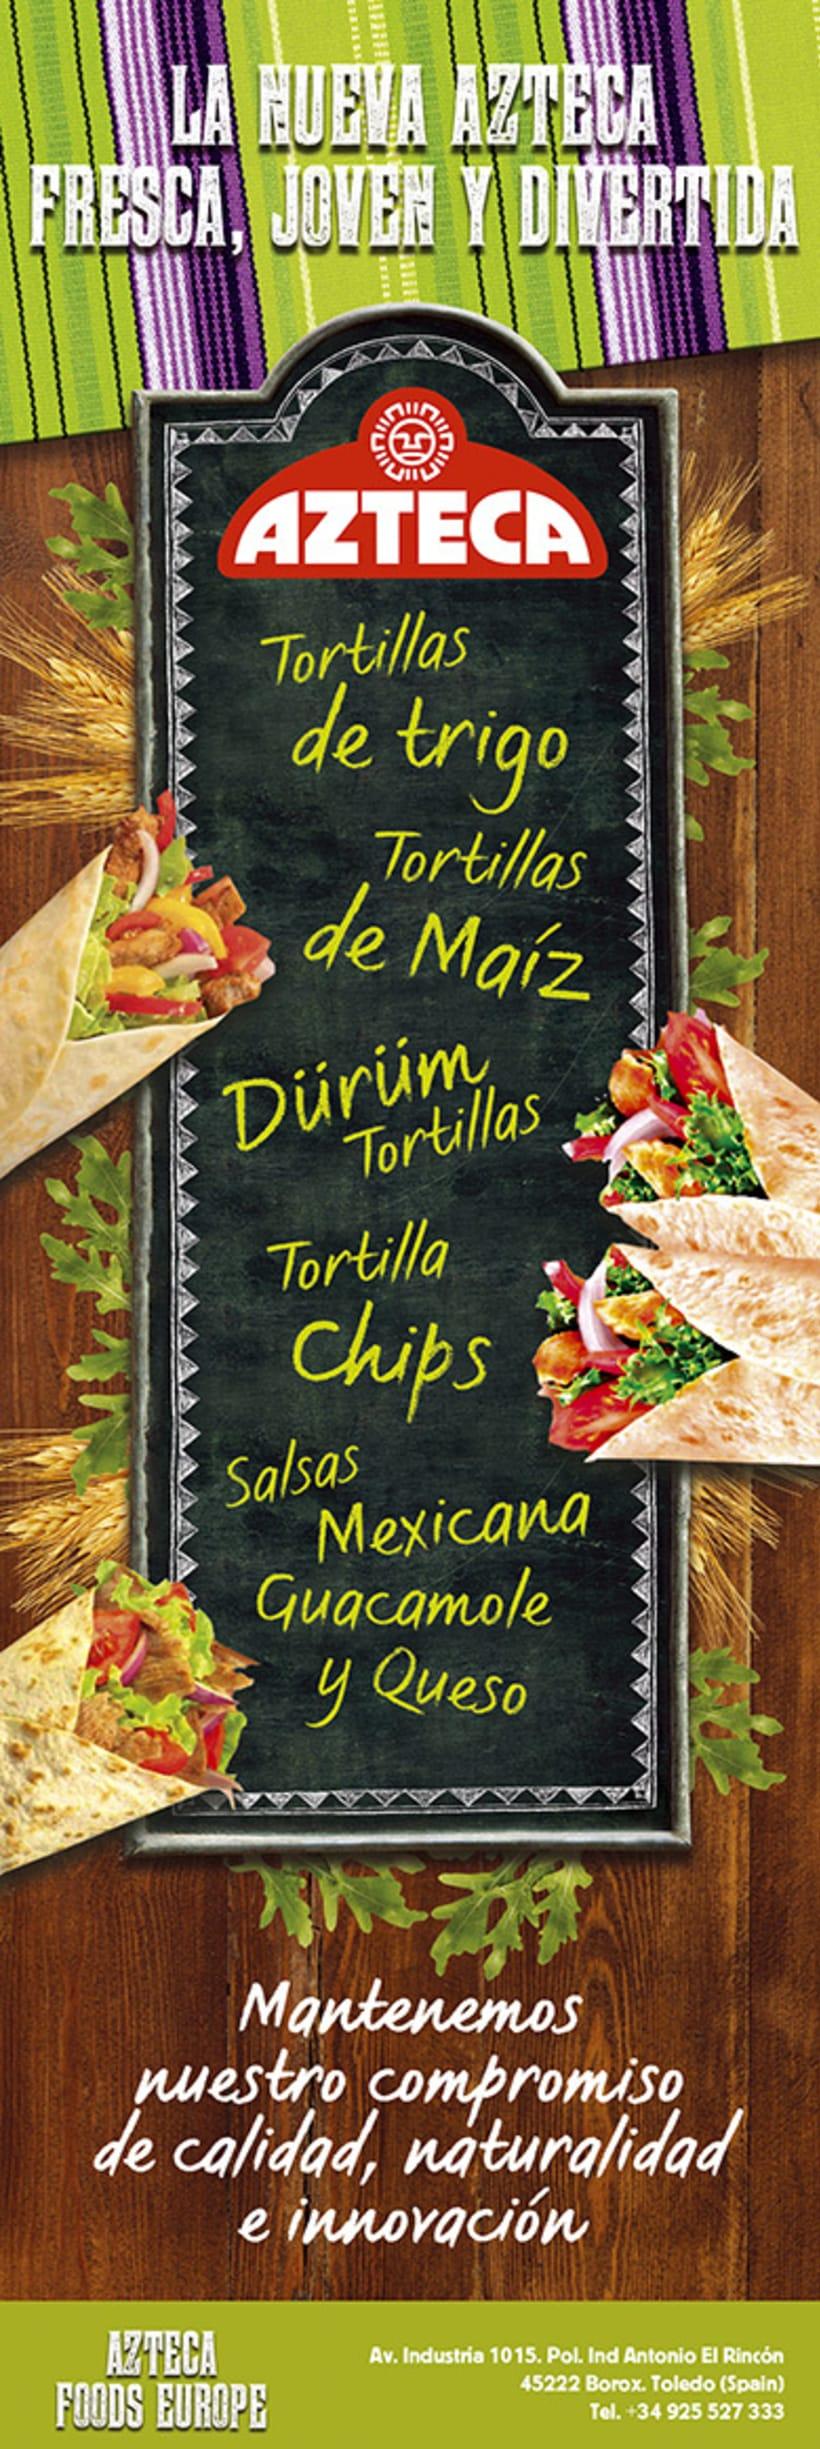 Lanzamiento Azteca Tex-Mex Food 2